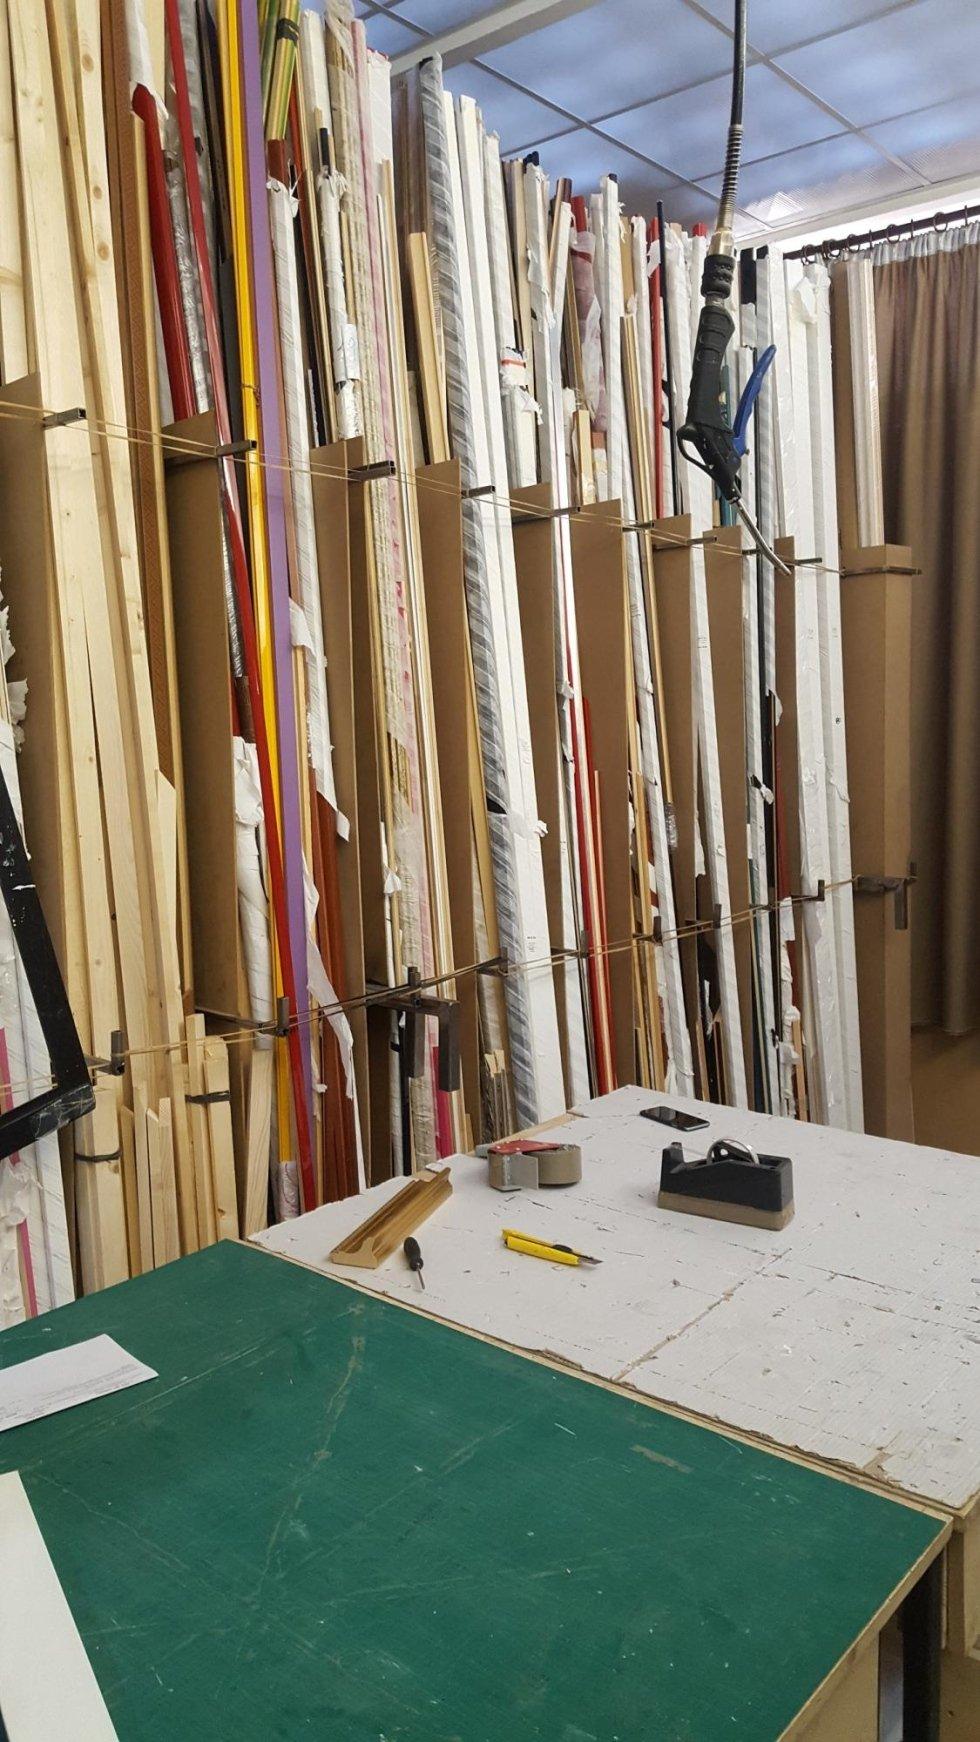 lavorazione cornici artigianale